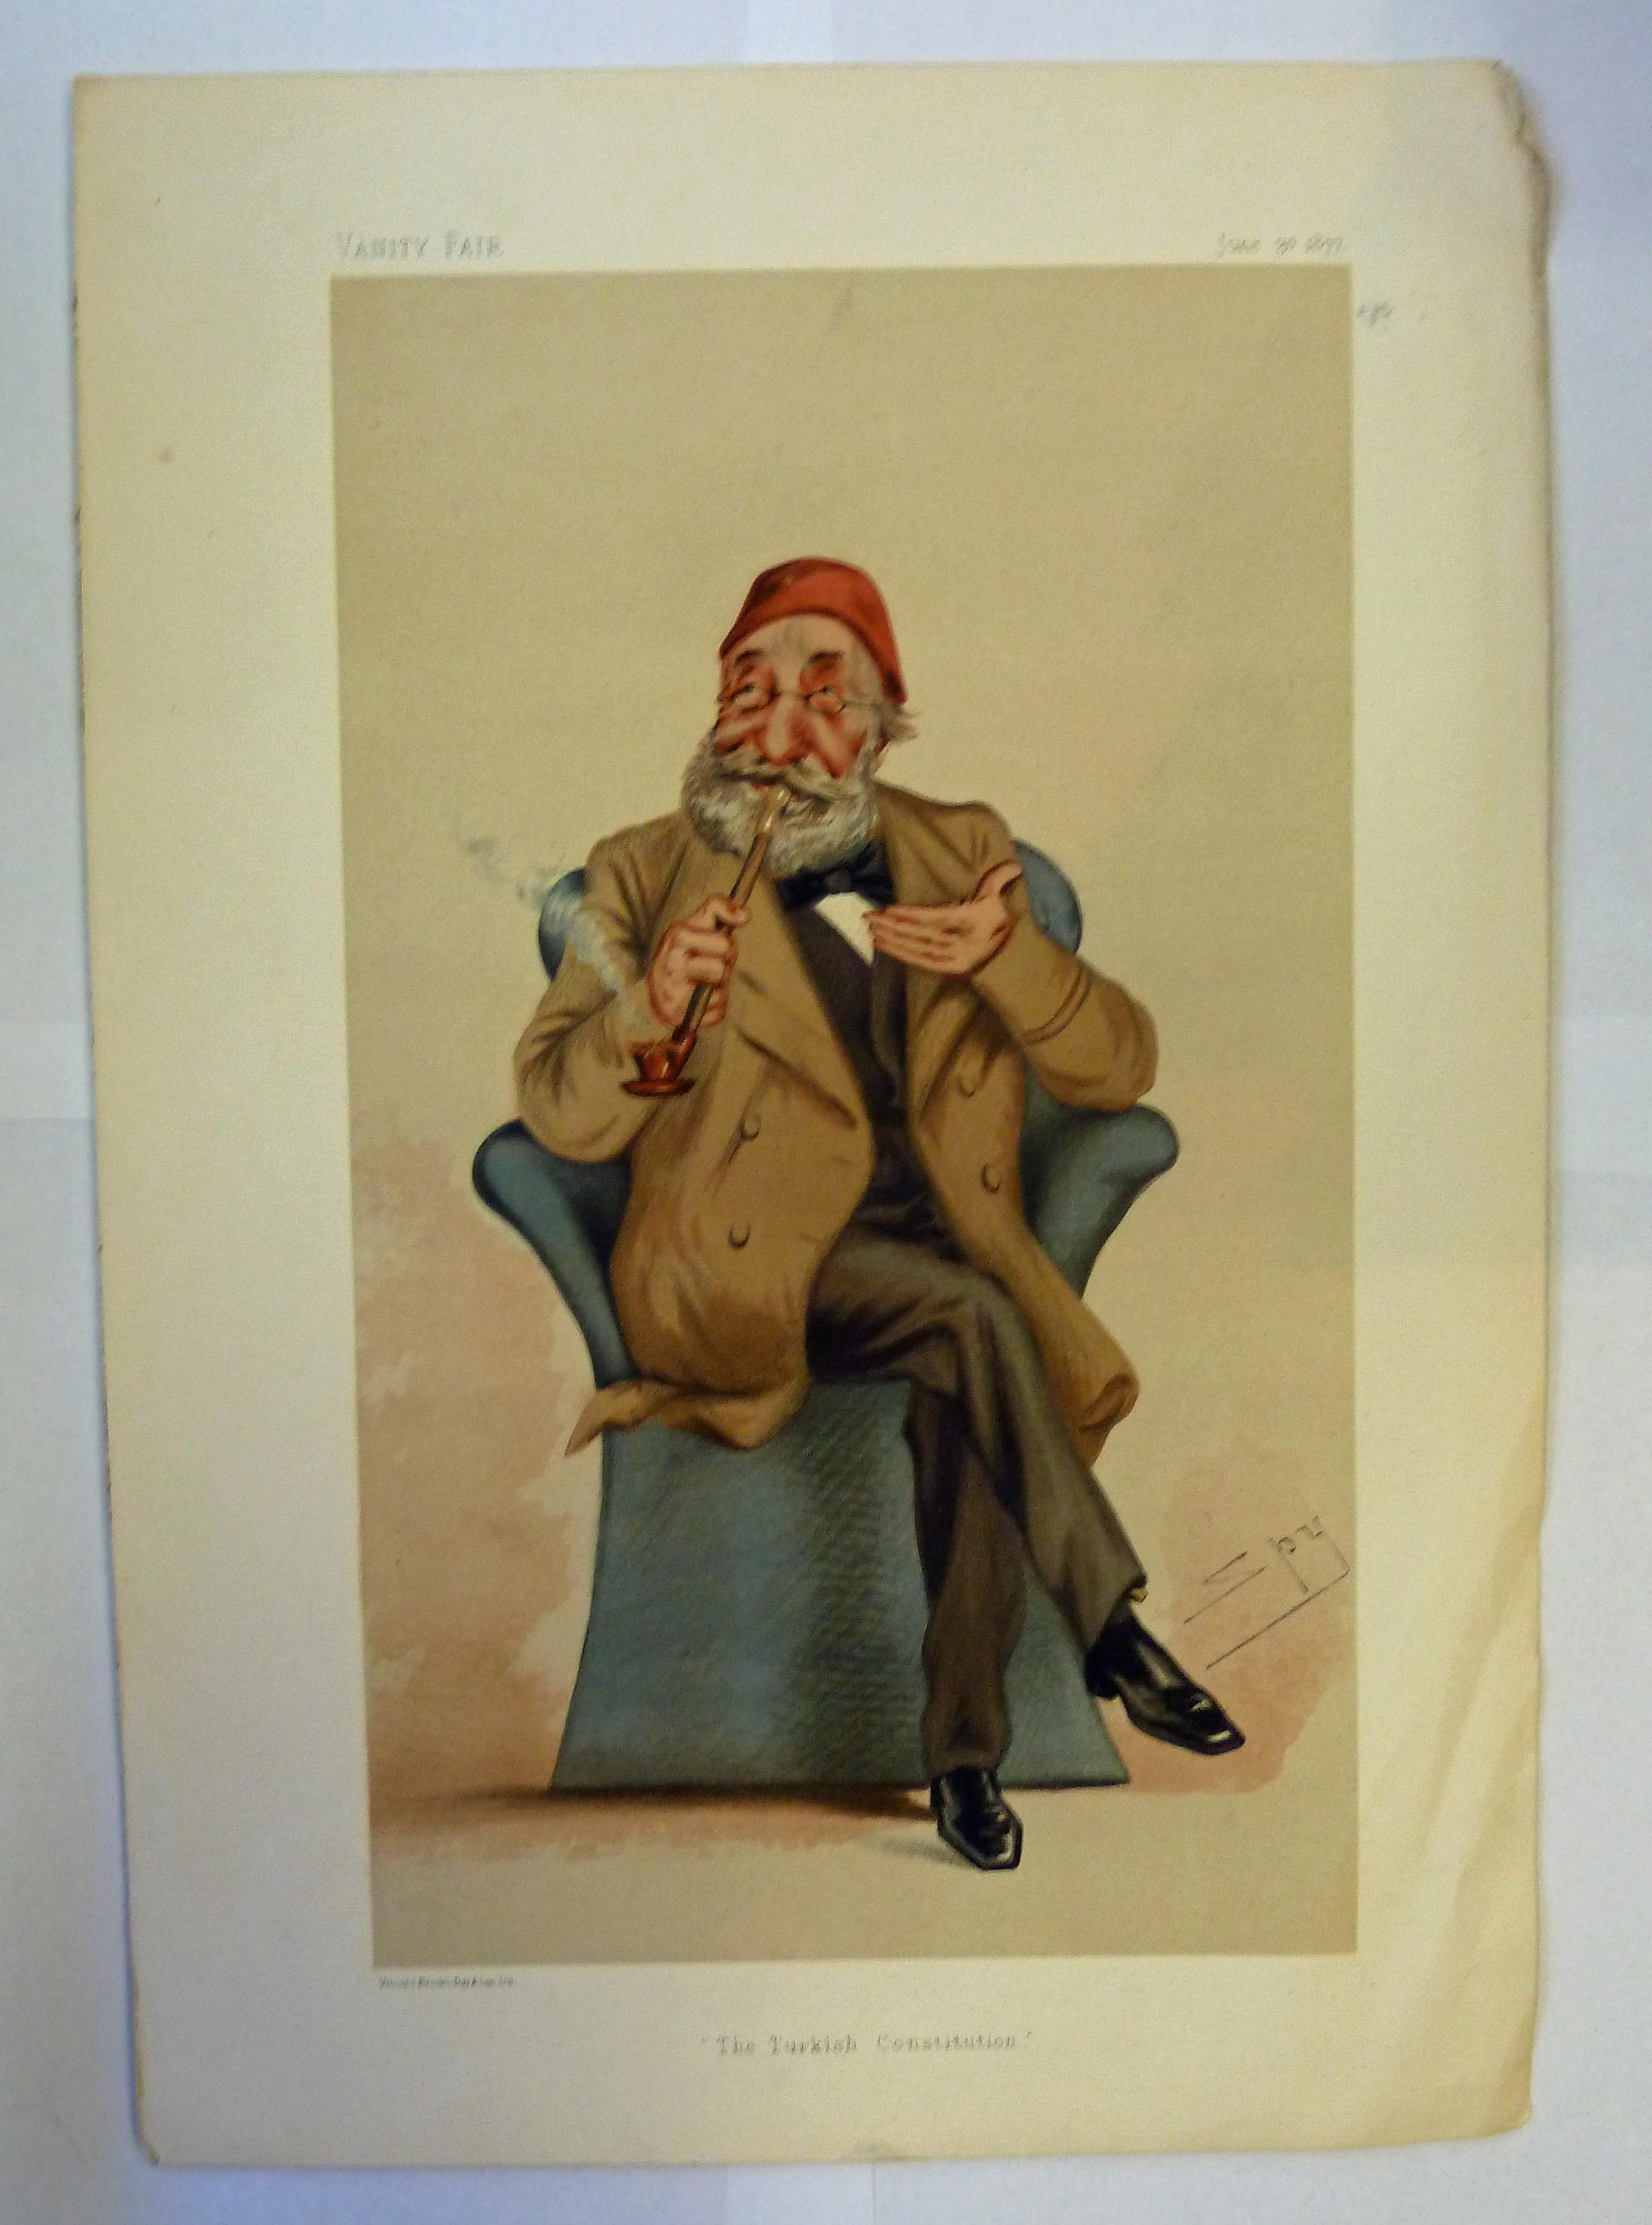 Original Vanity Fair His Highness Midhat Pasha The Turkish Constitution June 30 1877